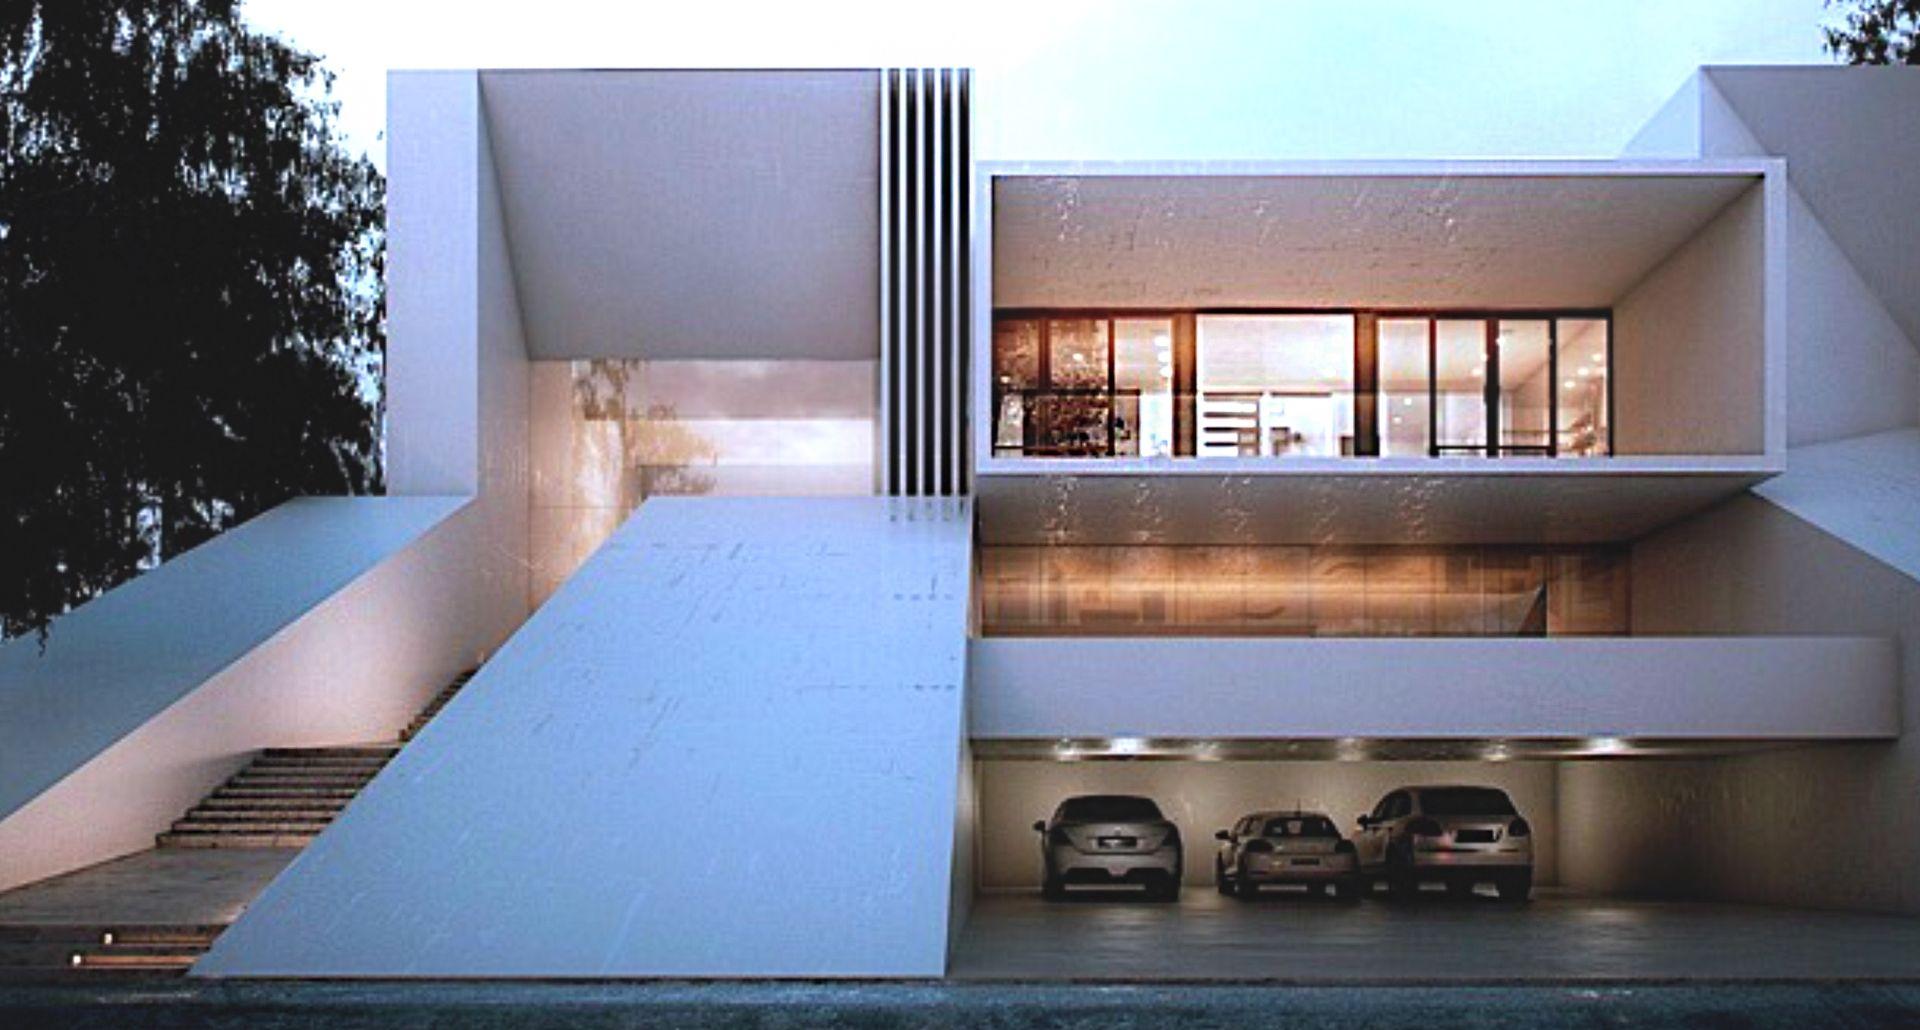 Villas fiogere francia creato arquitectos contemporaneo pinterest arquitectos casas - Arquitectos casas modernas ...